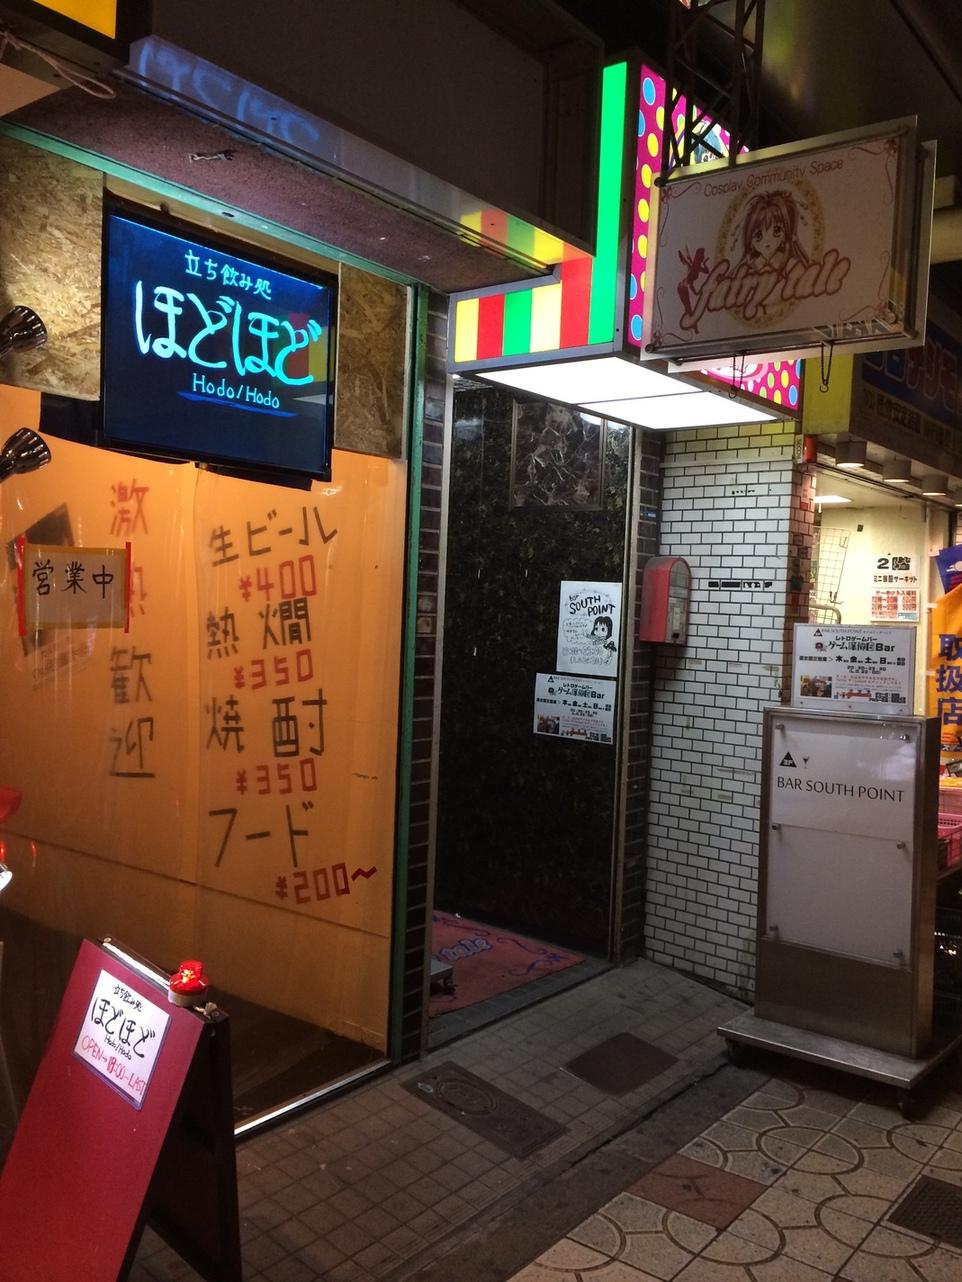 ゲーム探偵団Bar